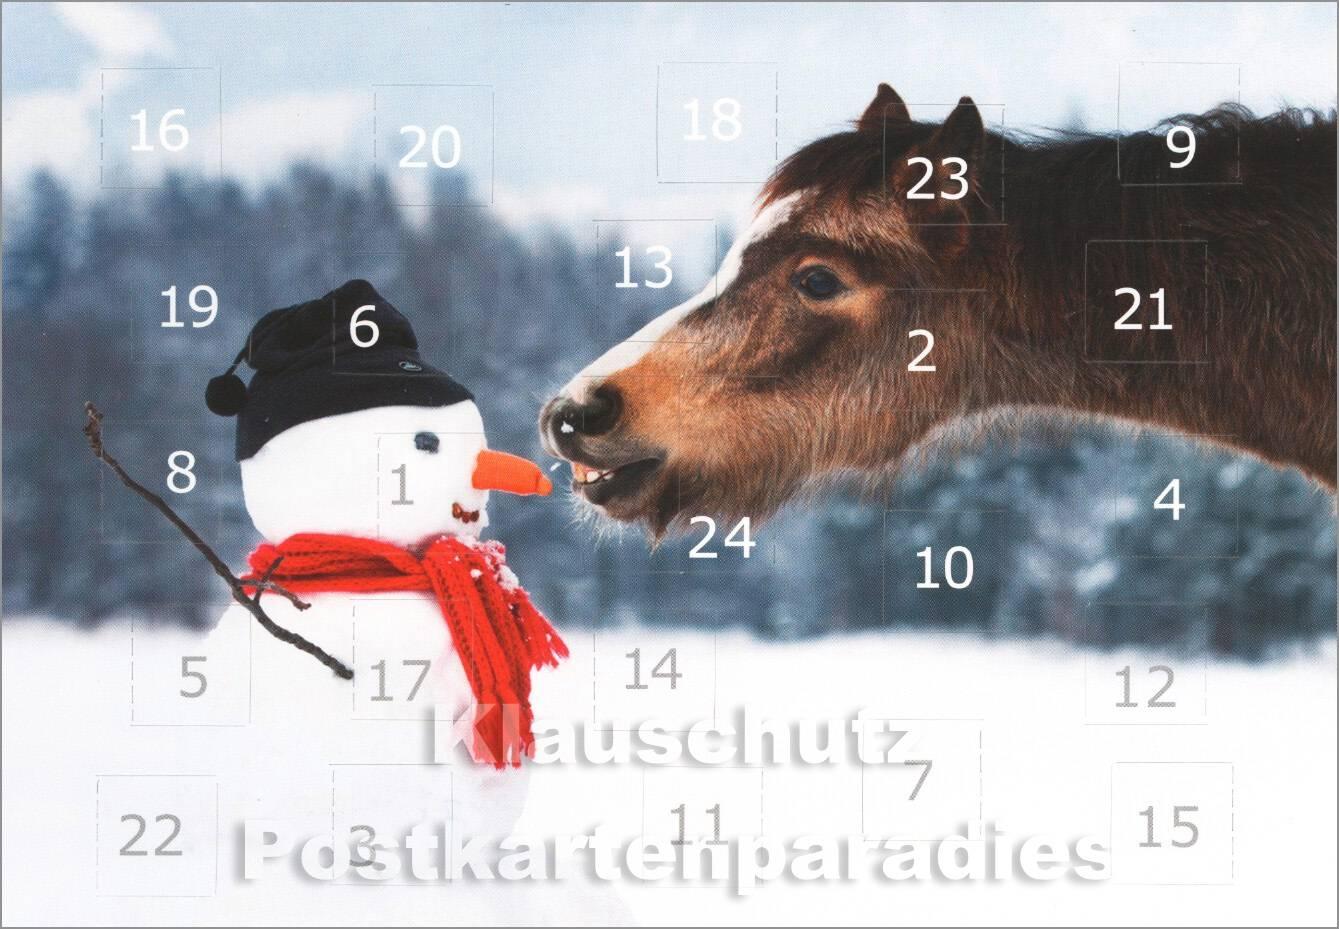 Pferde zitate choice image die besten zitate ideen for Schnee zitate